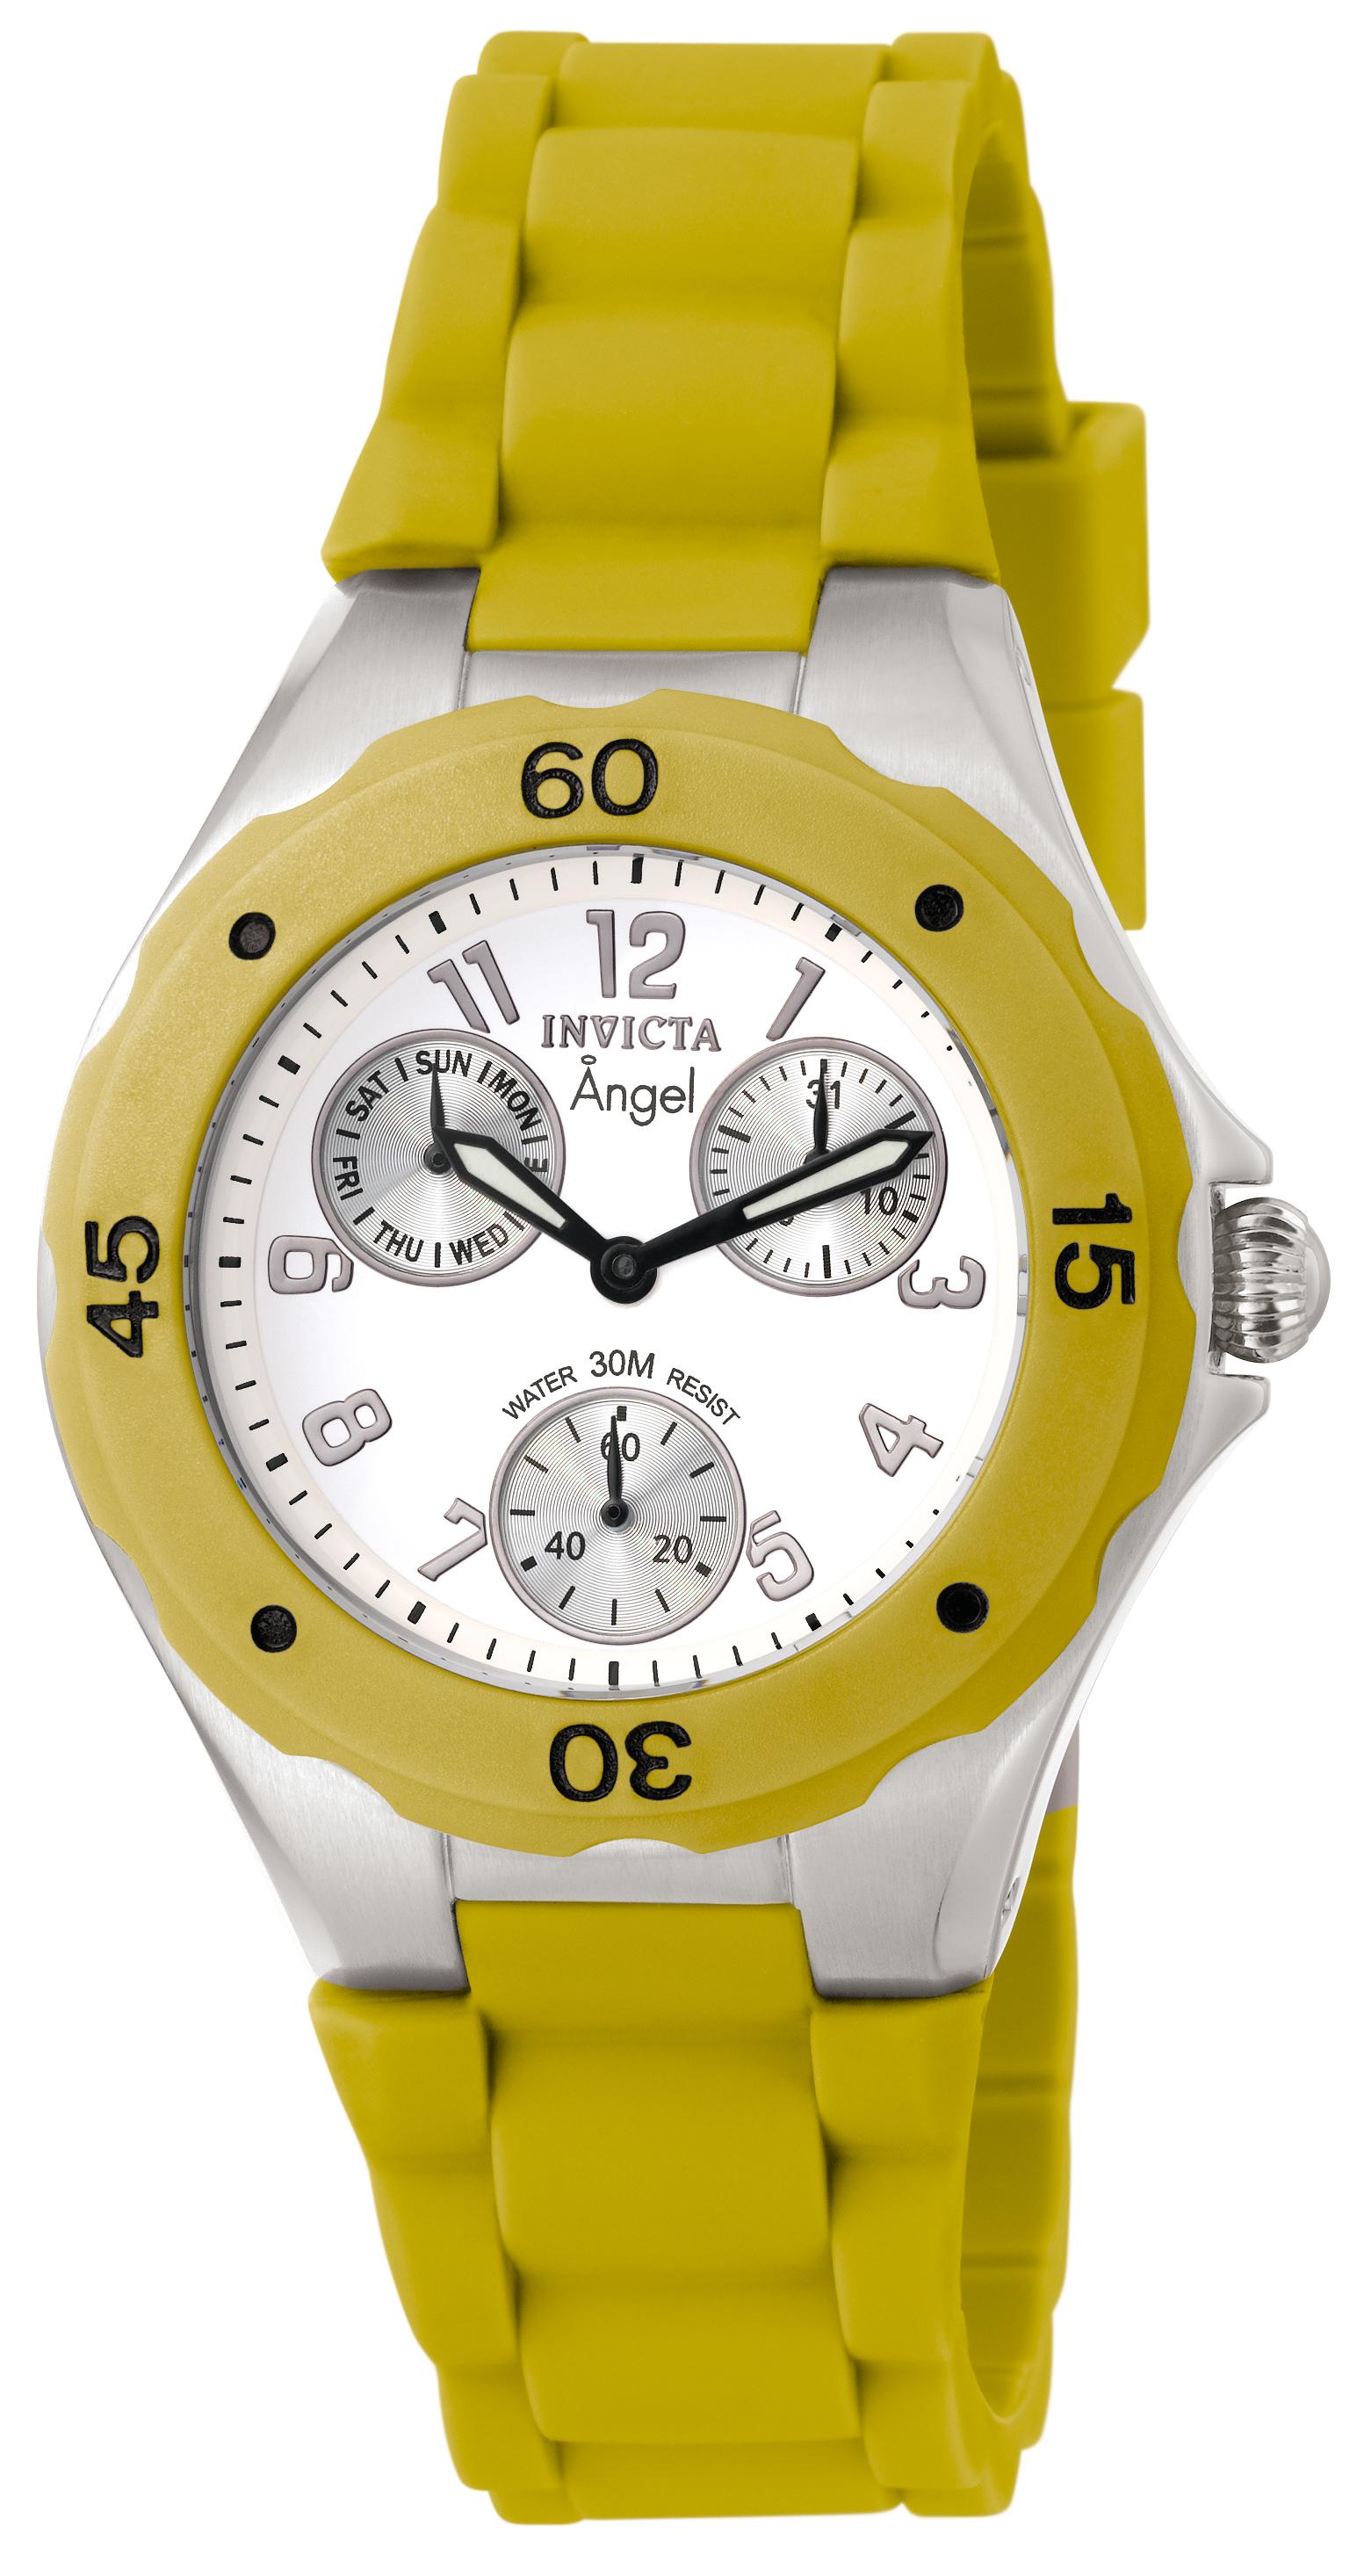 Dámské hodinky Invicta Angel Jelly Fish 0700